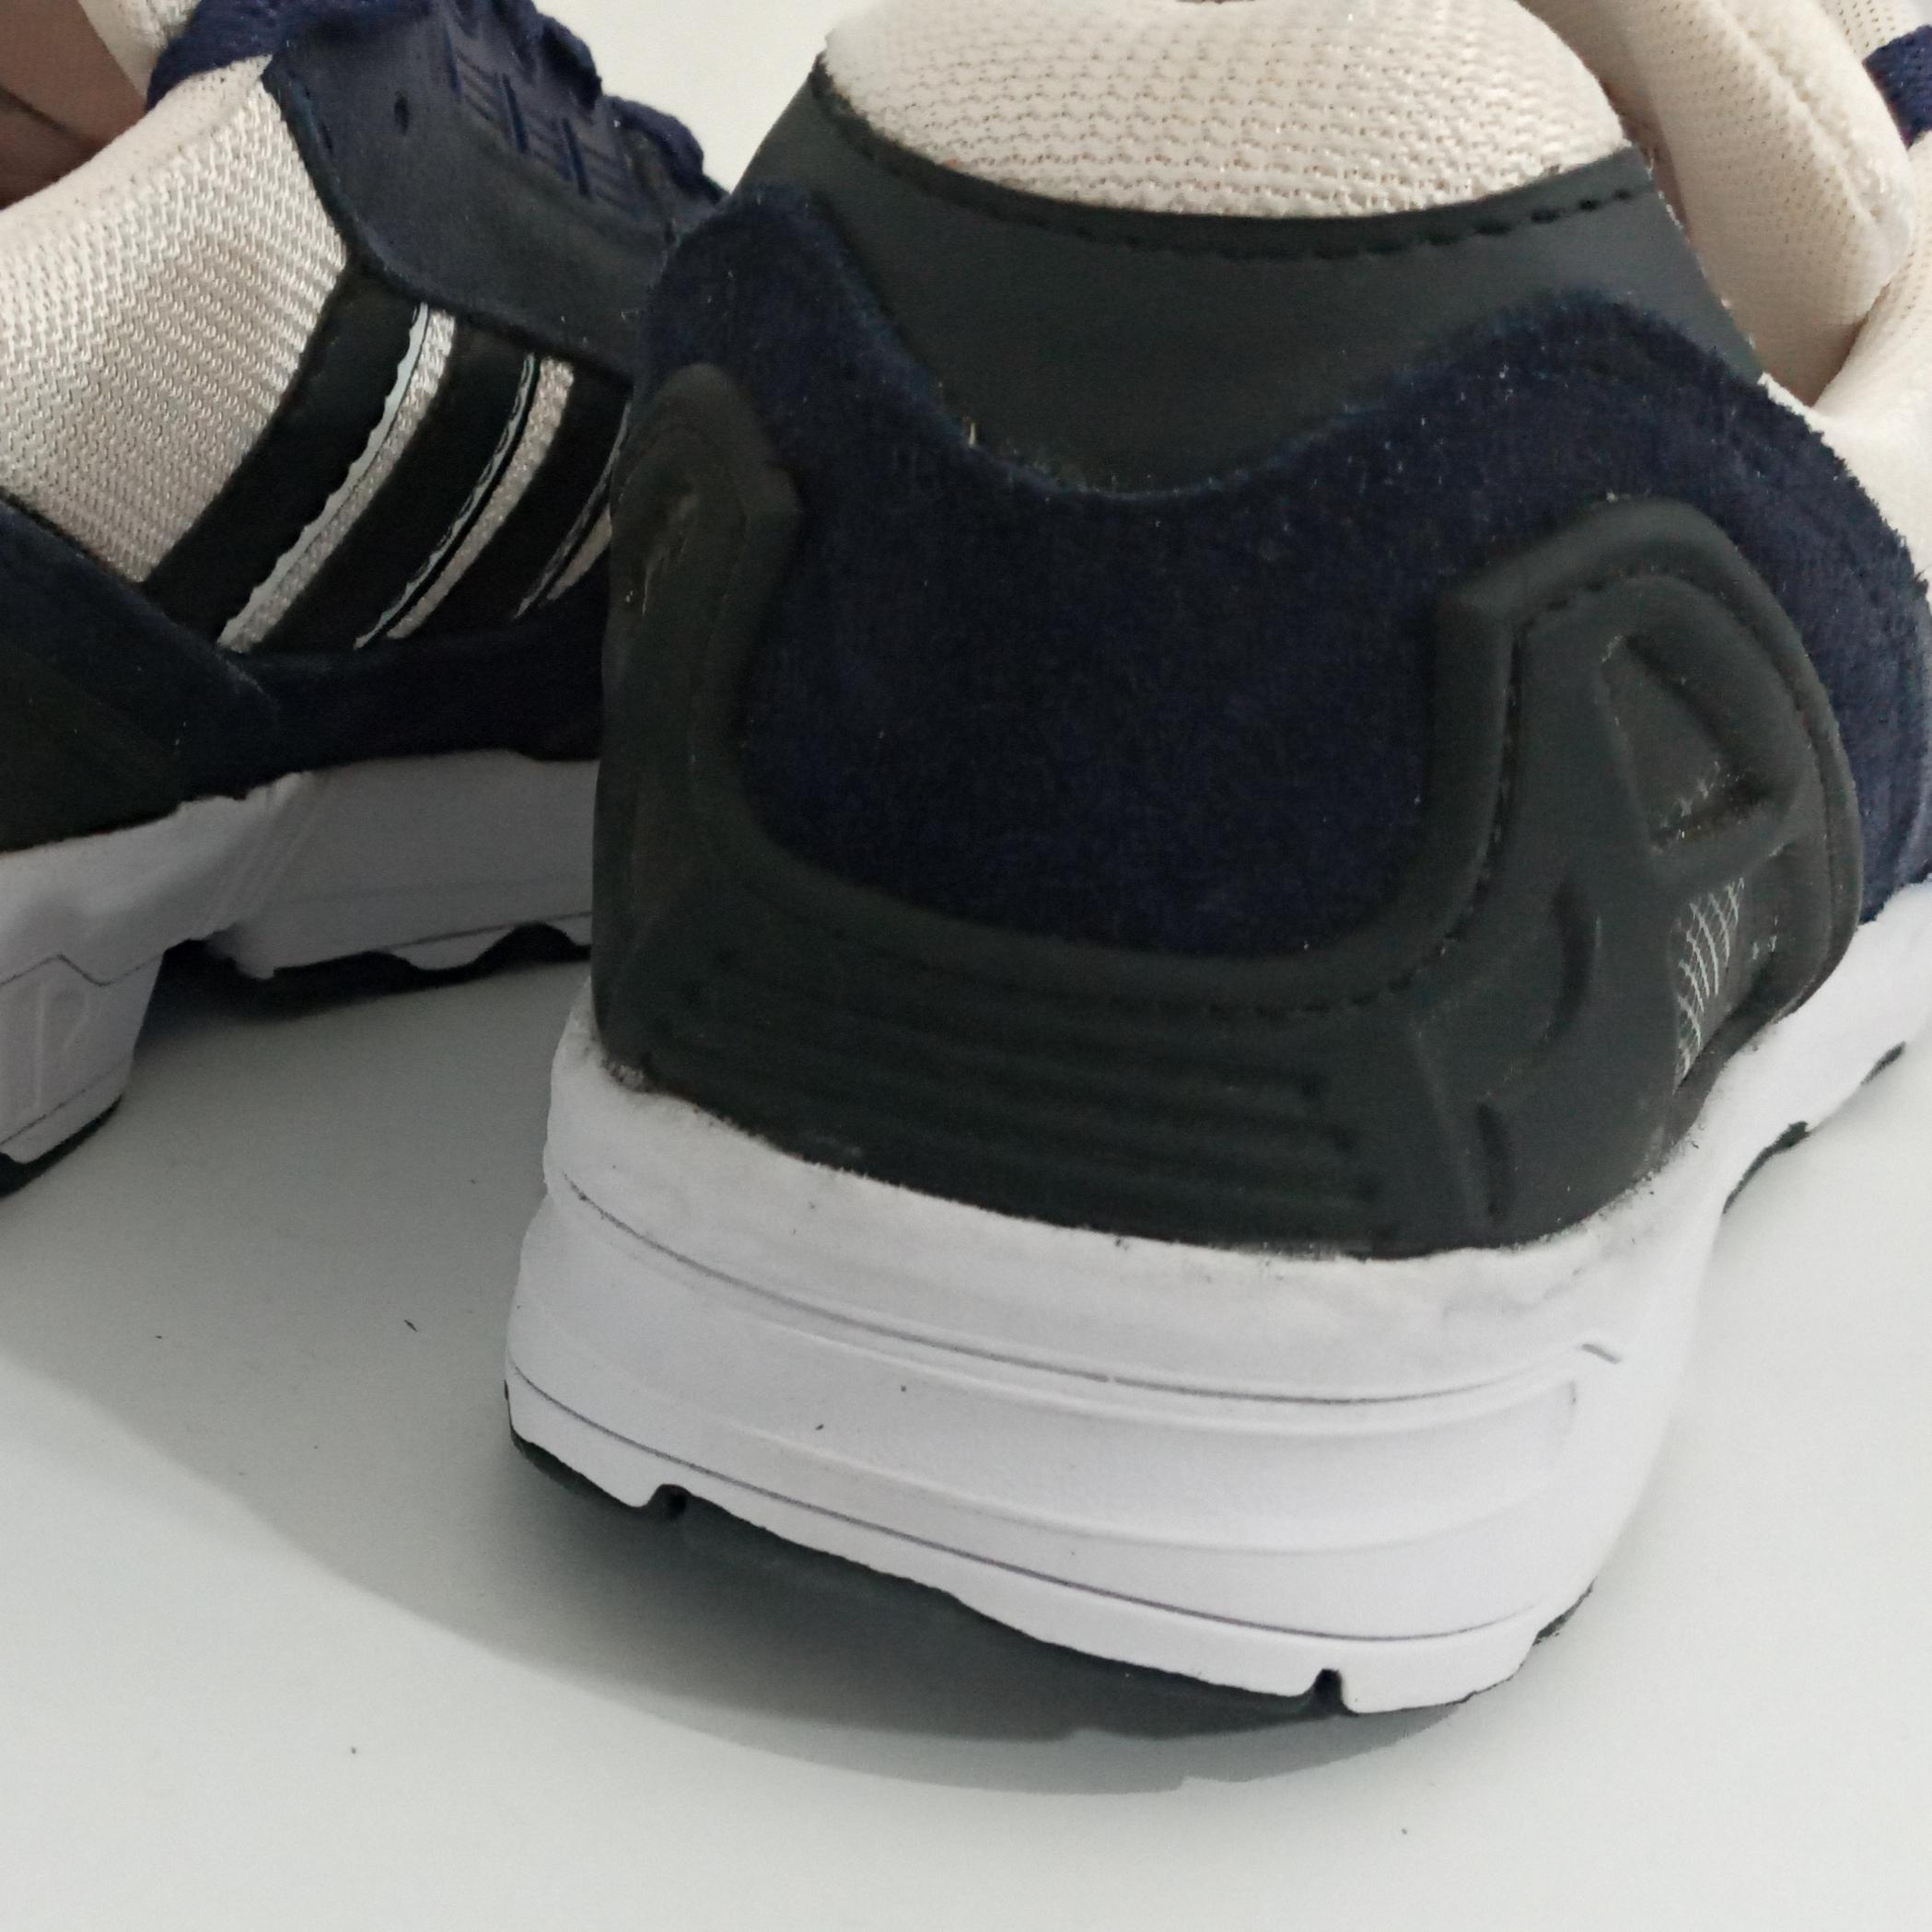 خرید                                      کفش راحتی مدل zx8000                     غیر اصل